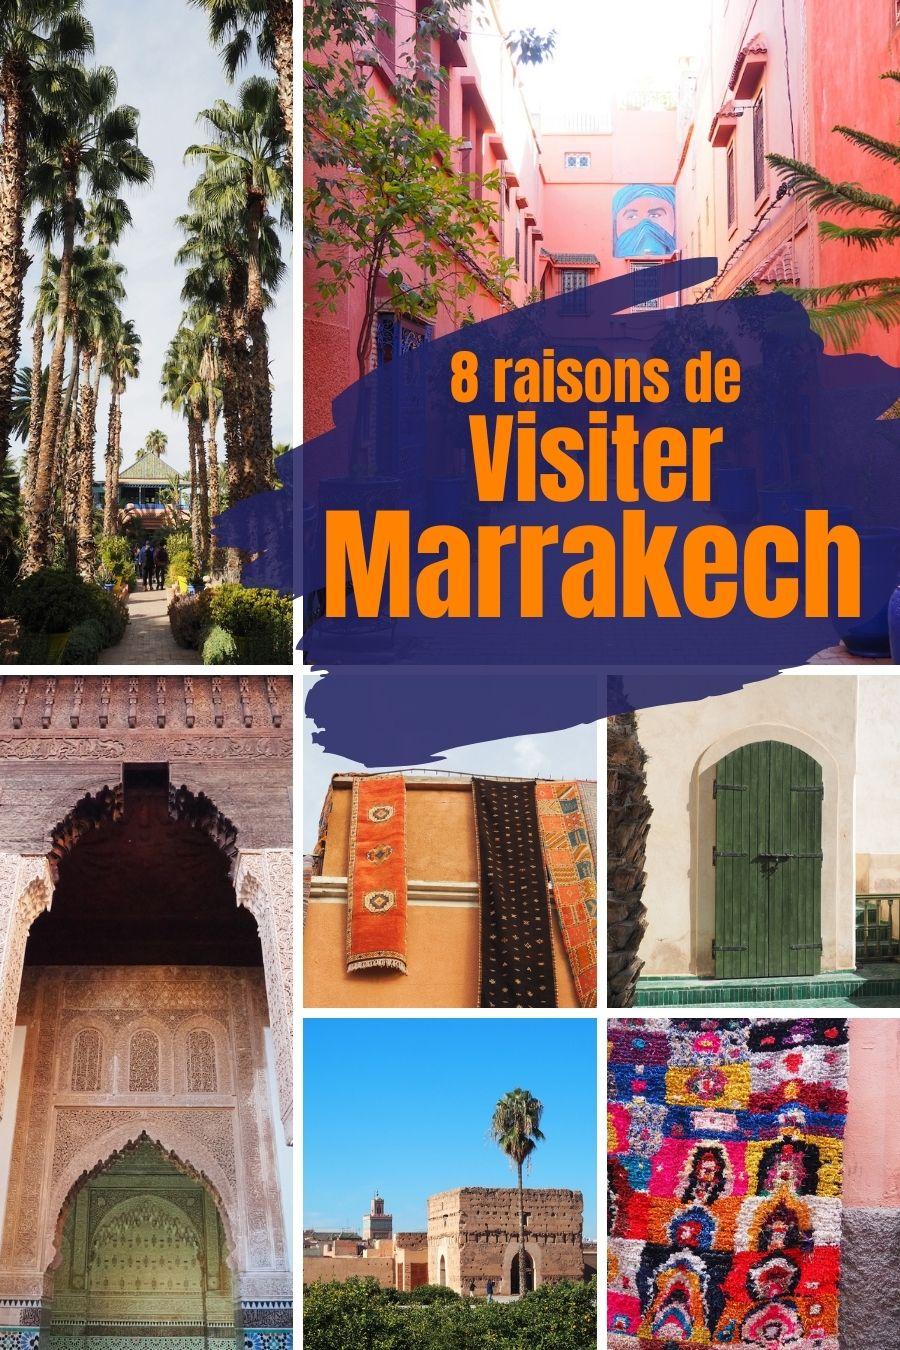 8 raisons de visiter Marrakech, chacune illustrée par une multitude de photos qui témoignent de la beauté des lieux